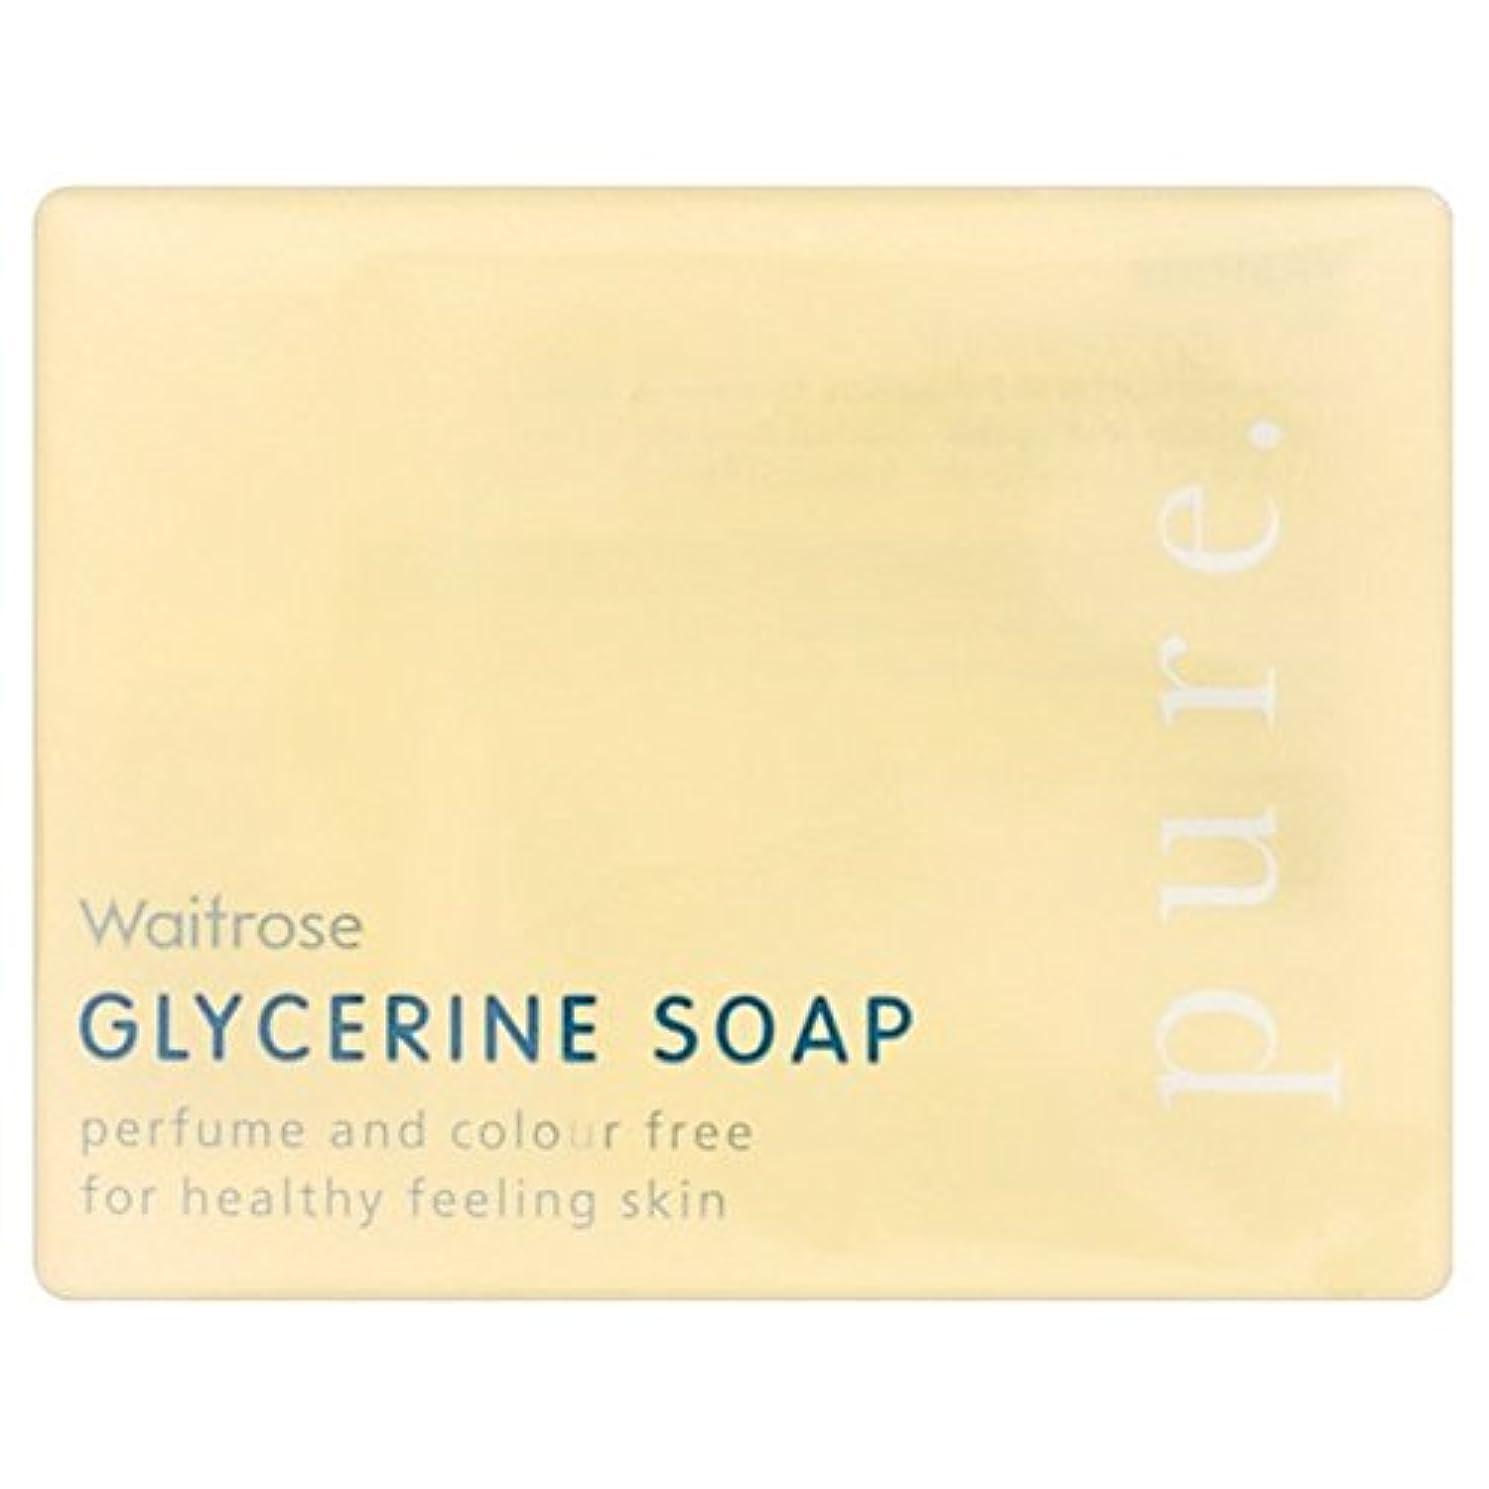 トムオードリース優雅な意見純粋なグリセリンソープウェイトローズの100グラム x4 - Pure Glycerine Soap Waitrose 100g (Pack of 4) [並行輸入品]